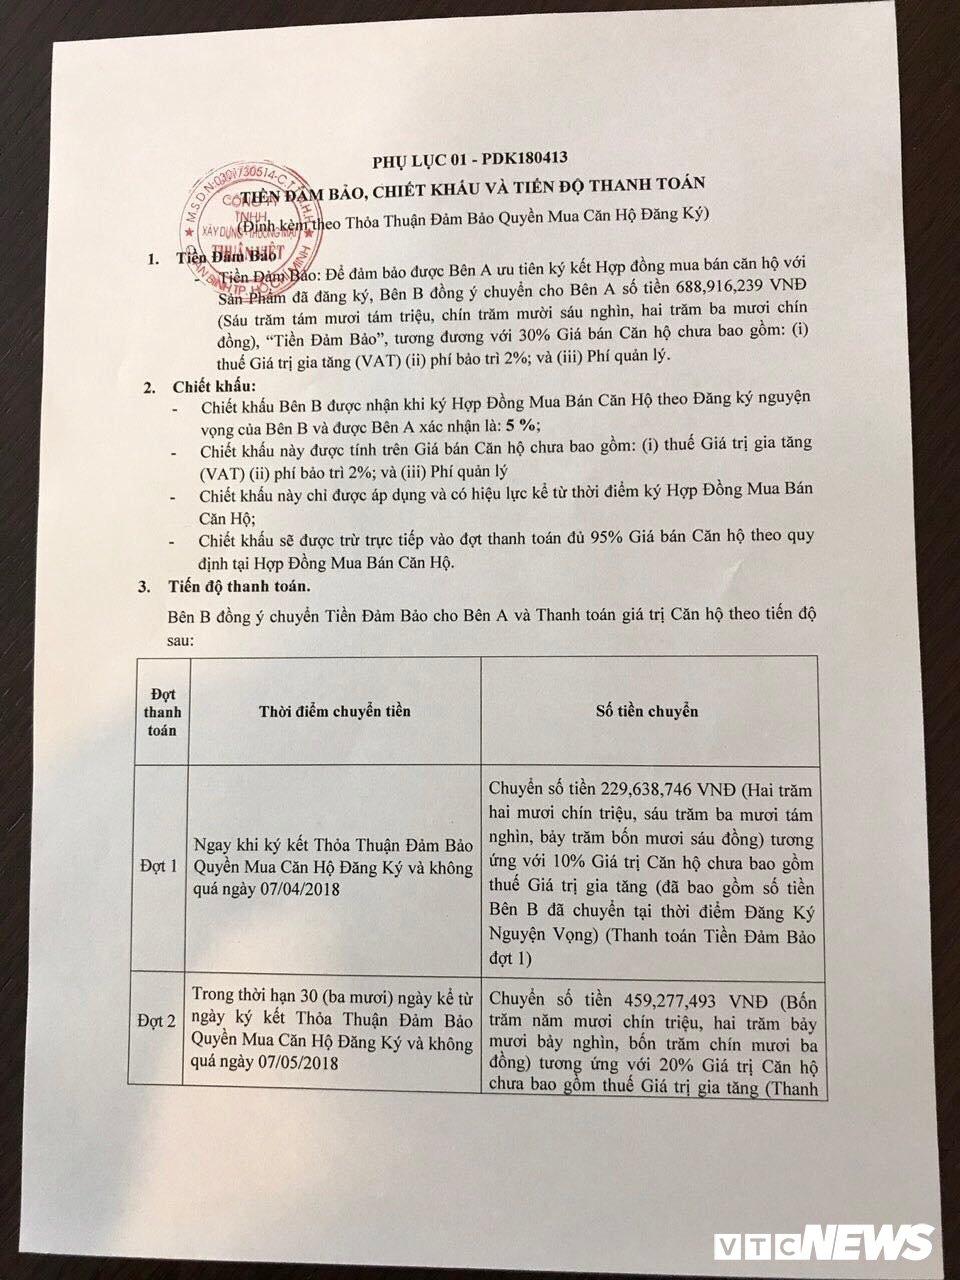 Dong xong tien coc, khach hang ta hoa biet du an New City cua Thuan Viet chua du dieu kien ban hinh anh 3